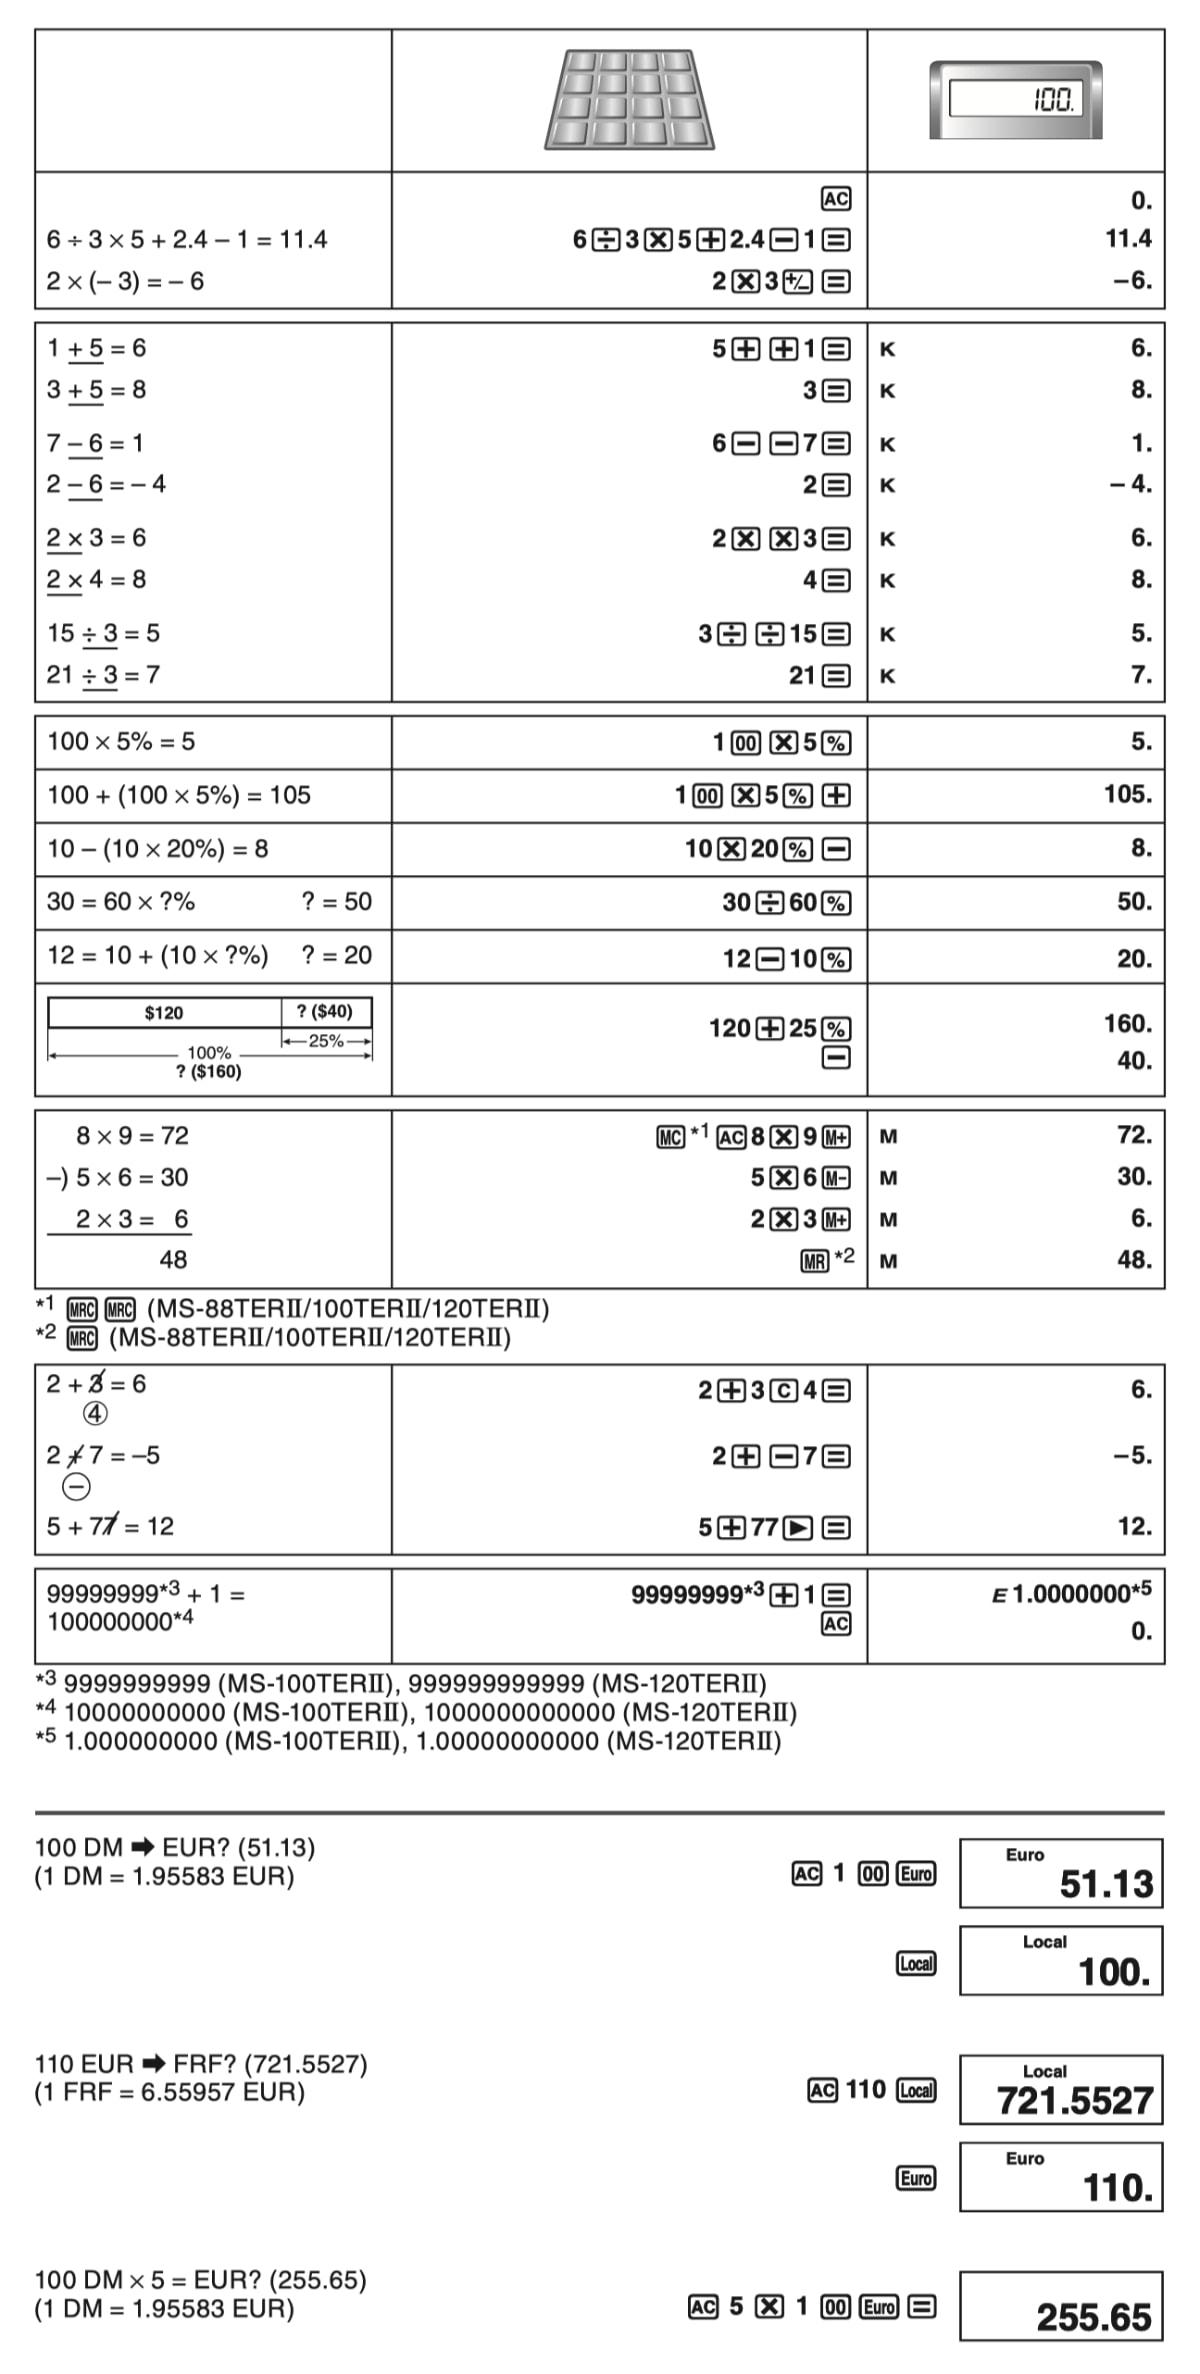 Calculadora de sobremesa Casio MS-80VERII: funciones y ejemplos